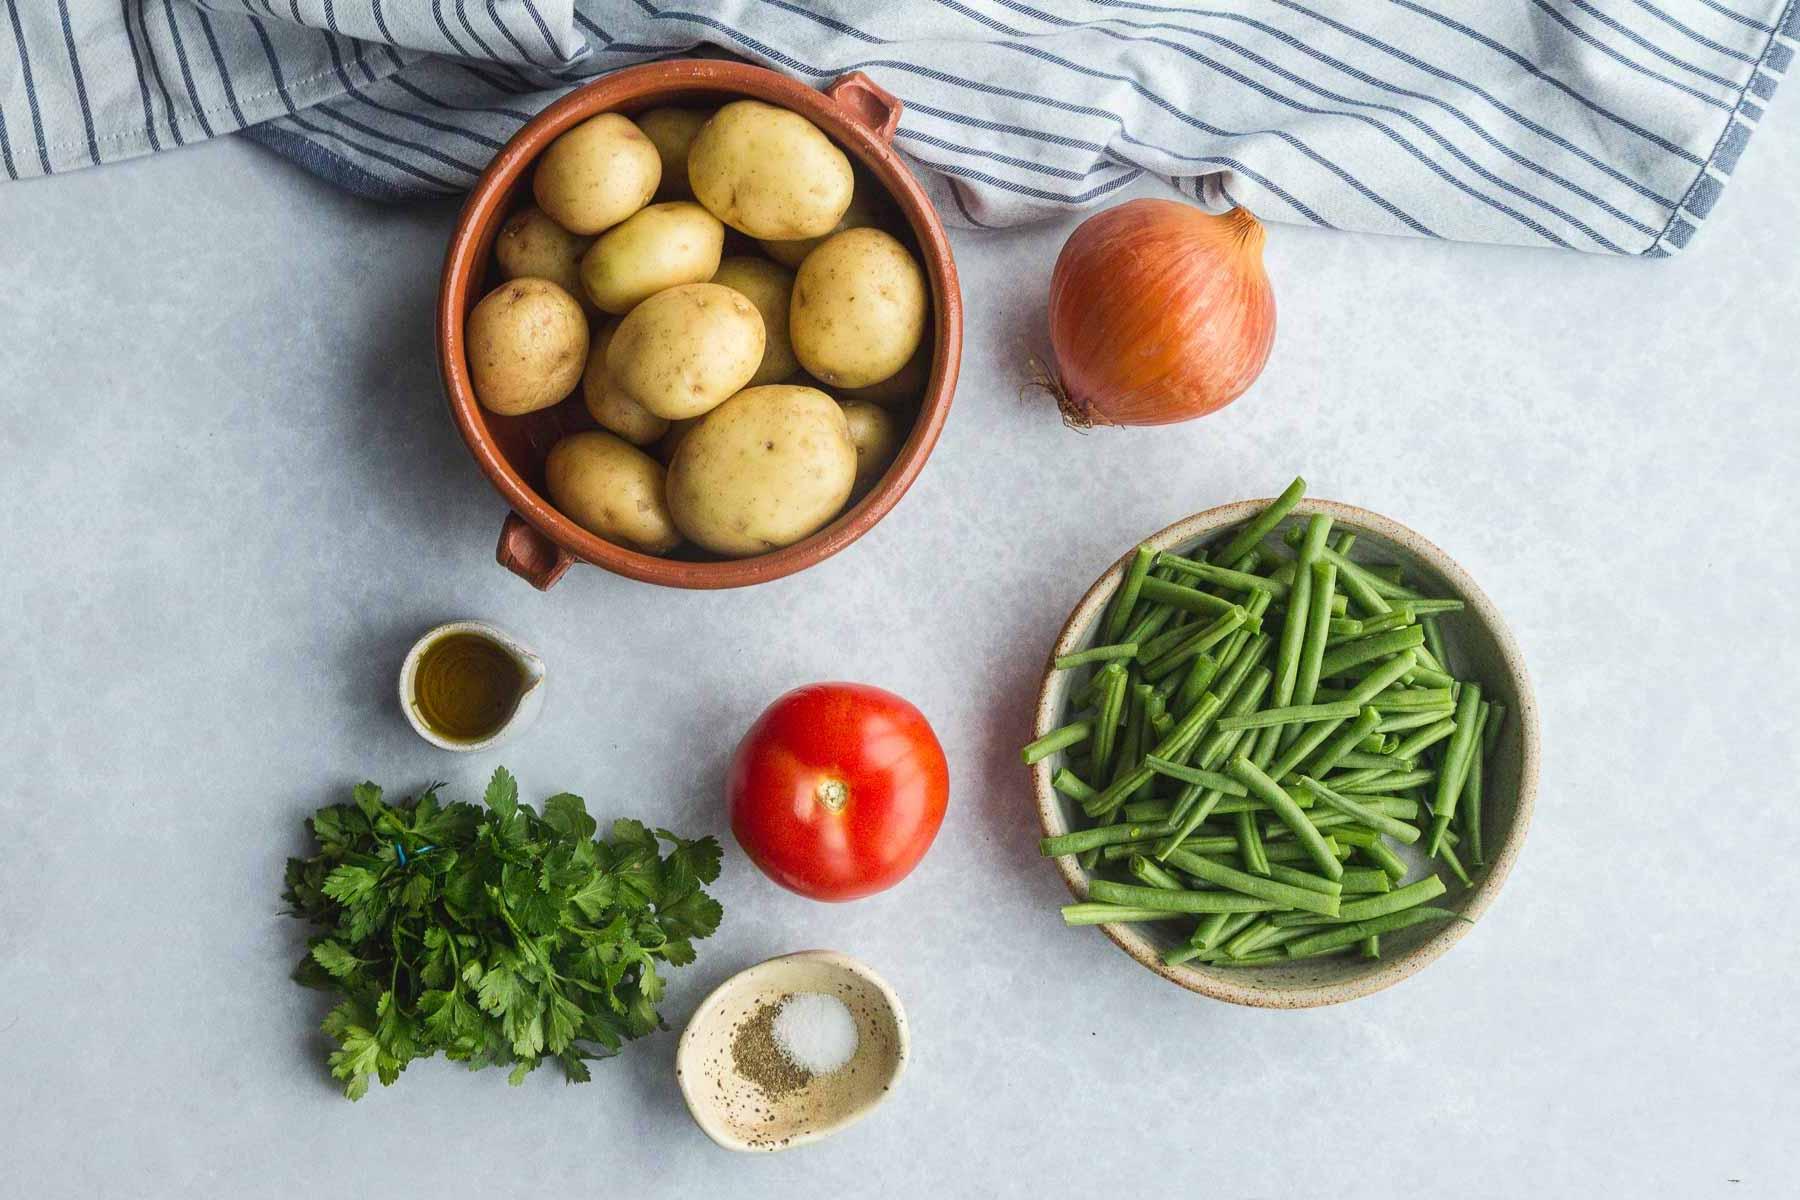 Fasolakia ingredients